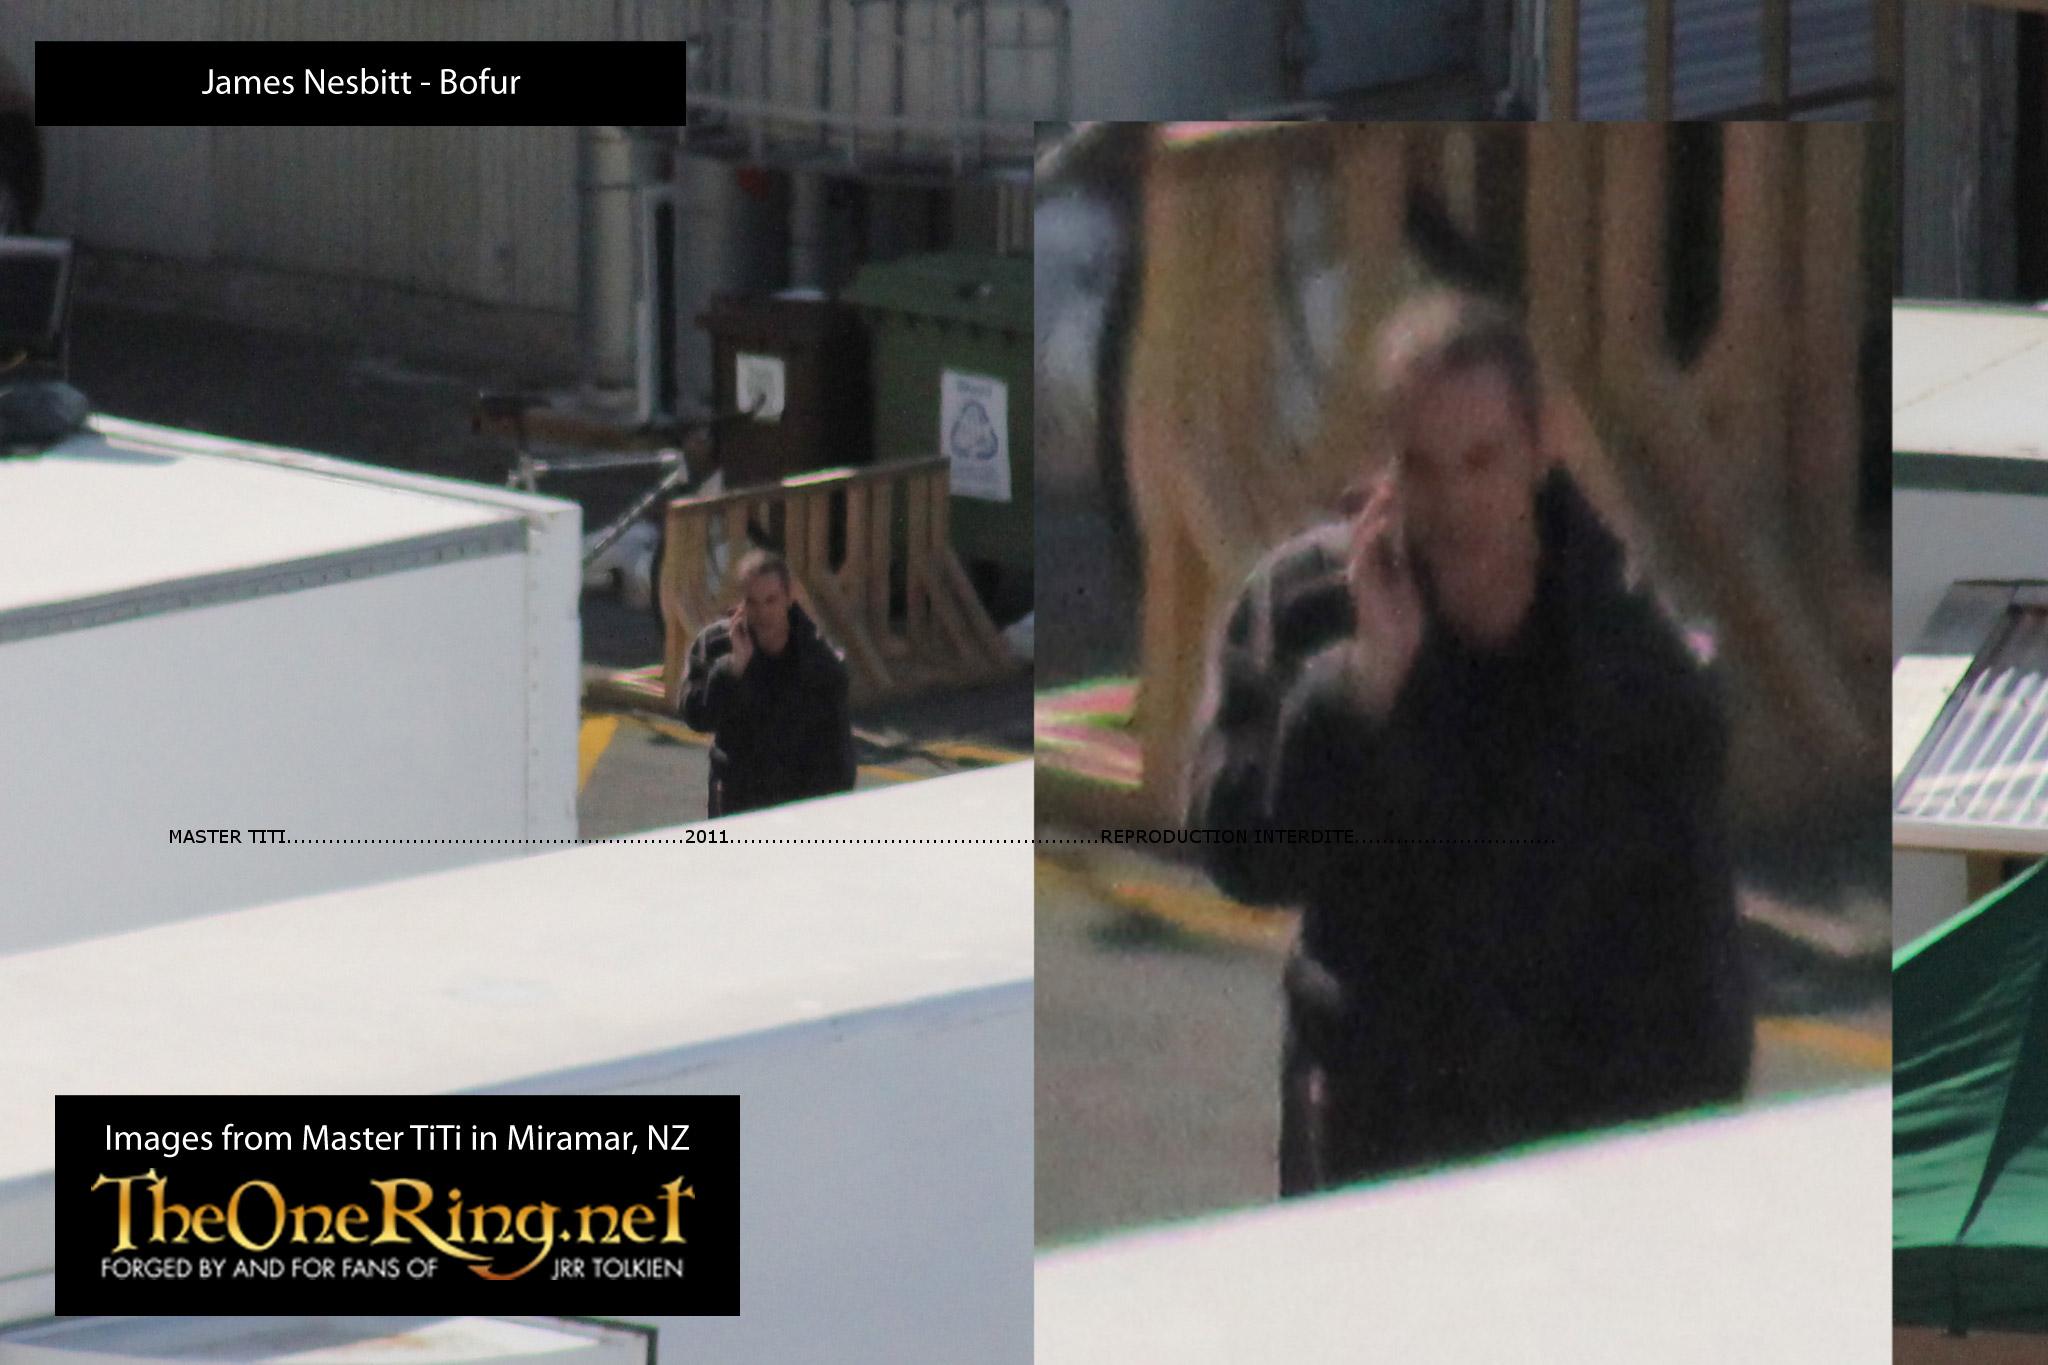 https://i0.wp.com/www-images.theonering.org/torwp/wp-content/uploads/2011/03/032911JAMESNESBITT.jpg